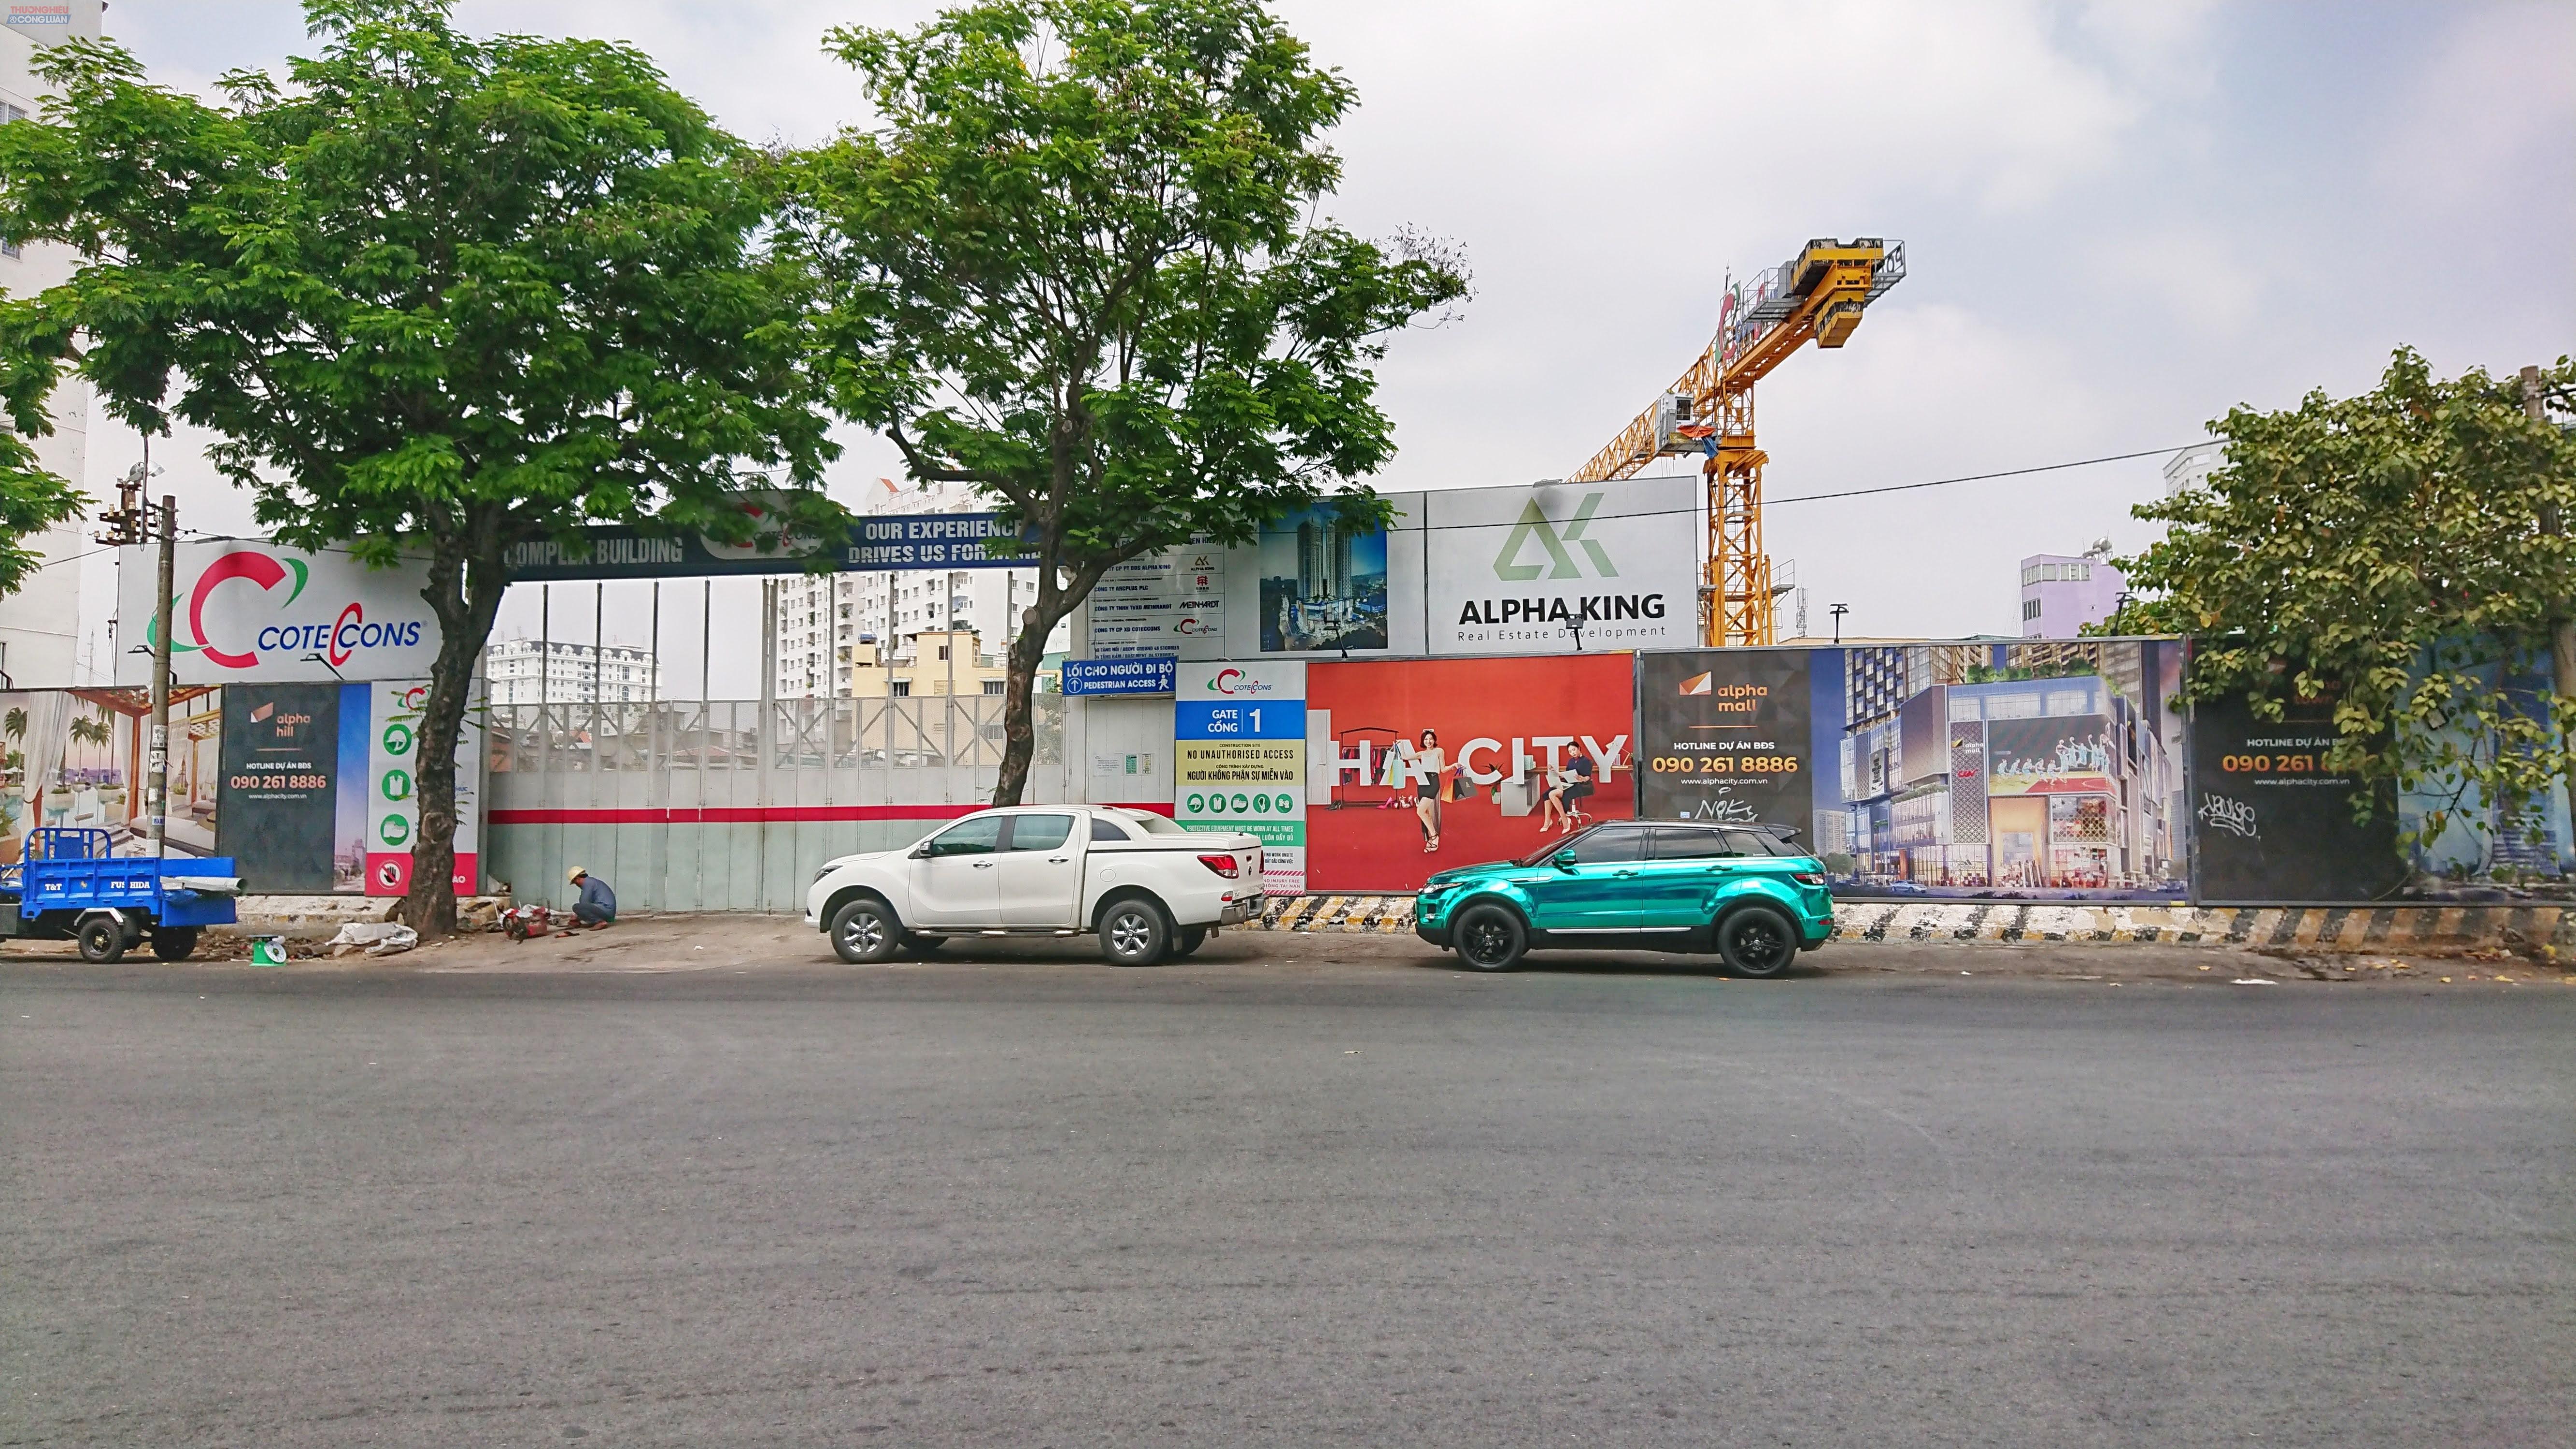 Còn dự án dự án Alpha City tọa lạc tại vị trí đắc địa, số 87 Cống Quỳnh, quận 1 cũng không mấy khả quan khi máy móc, vật liệu xây dựng ngổn ngang. Dự án có diện tích 8.320 m2 này được Alpha King mua lại từ Công ty TNHH Đầu tư và Xây dựng Ngân Bình.